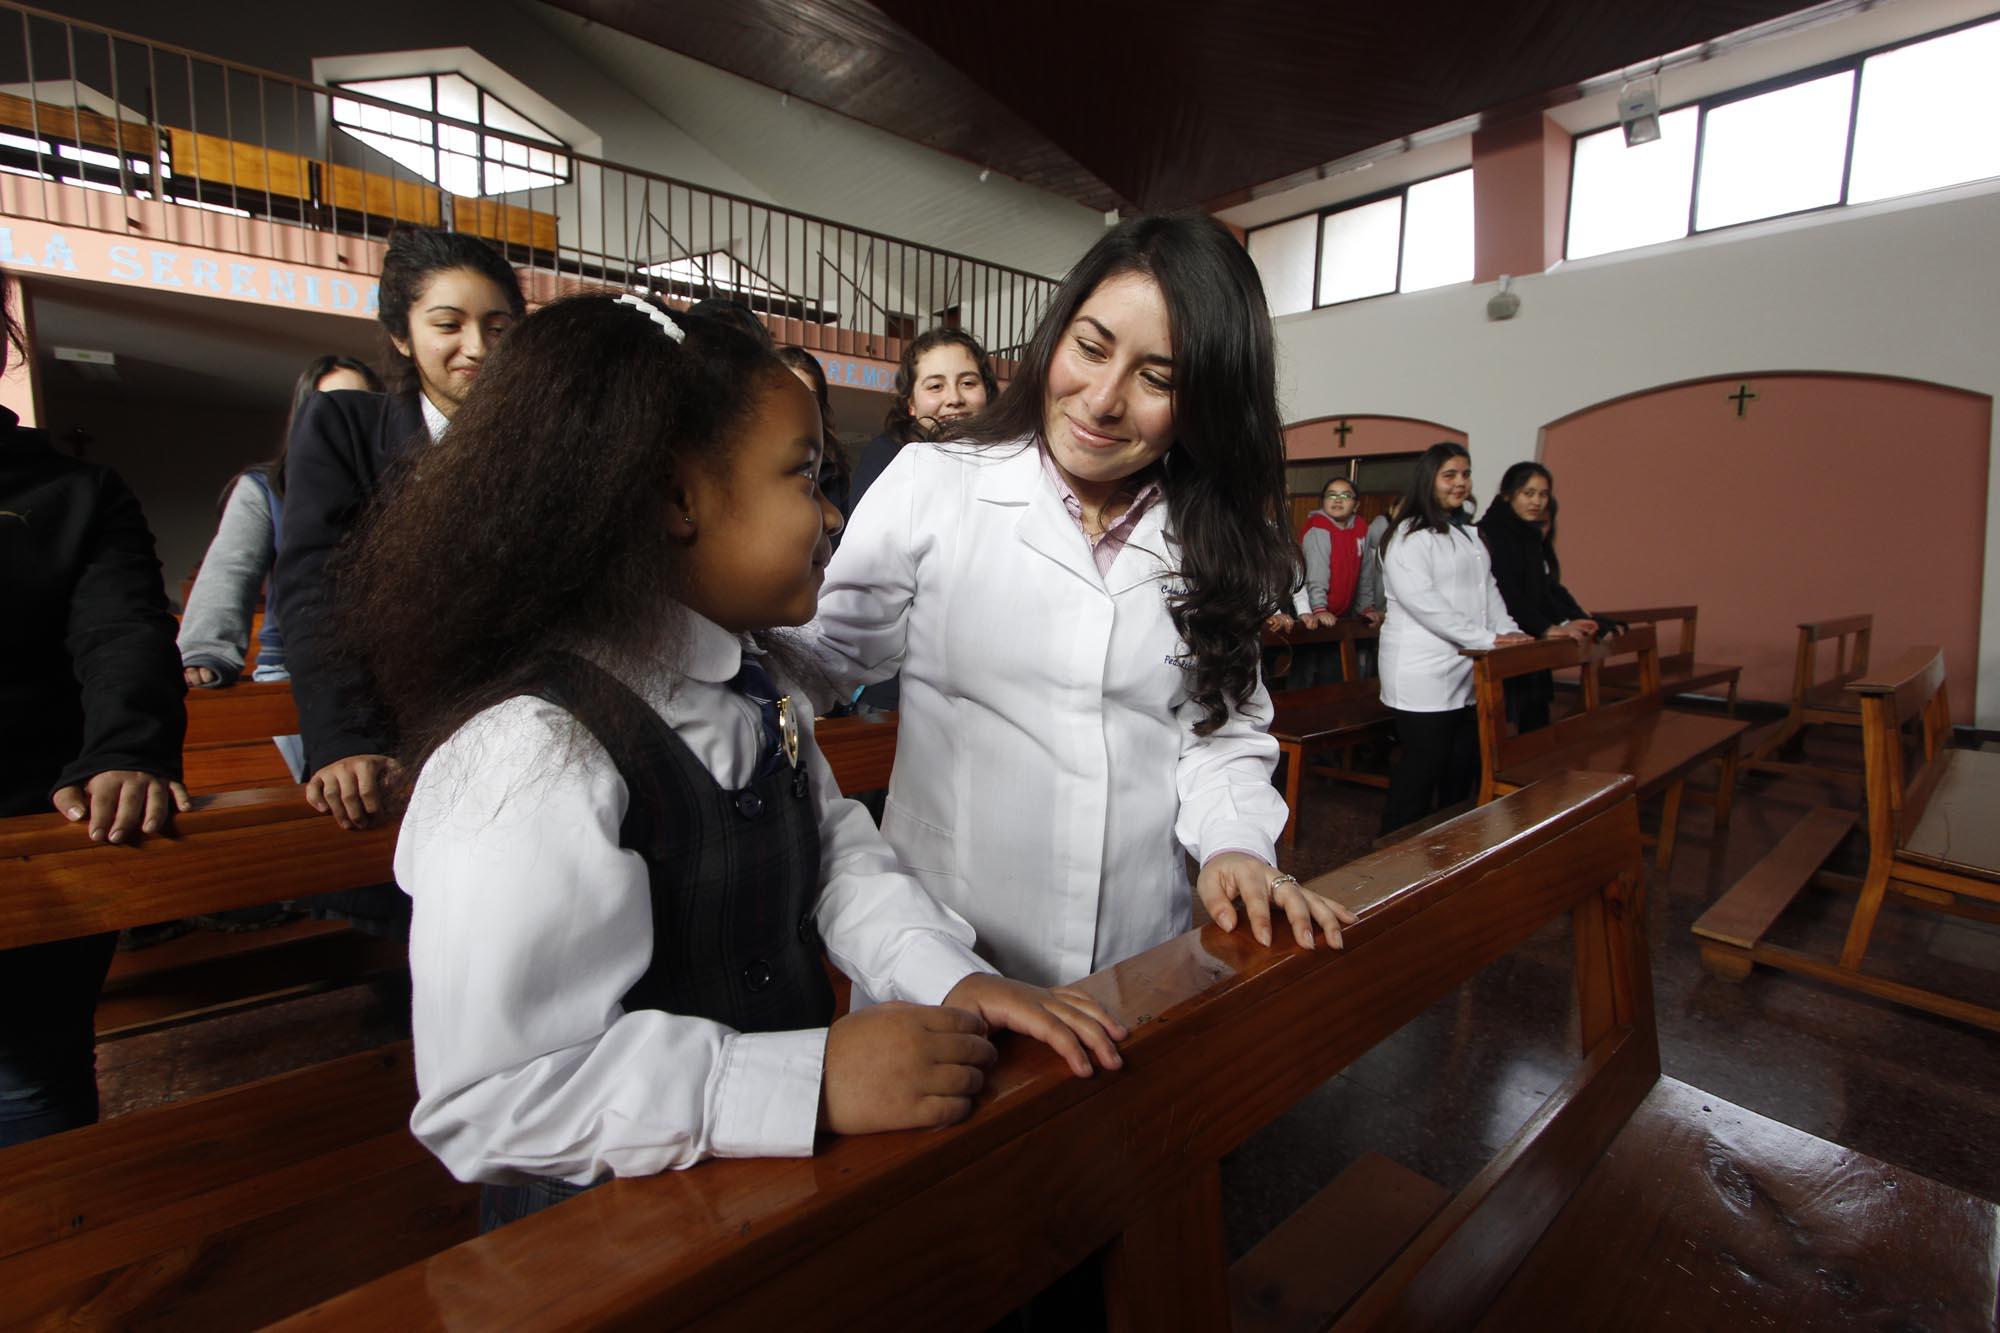 PEDAGOGÍA EN RELIGIÓN Y FILOSOFÍA RECIBIRÁ VISITA DE PARES EVALUADORES DE LA CNA